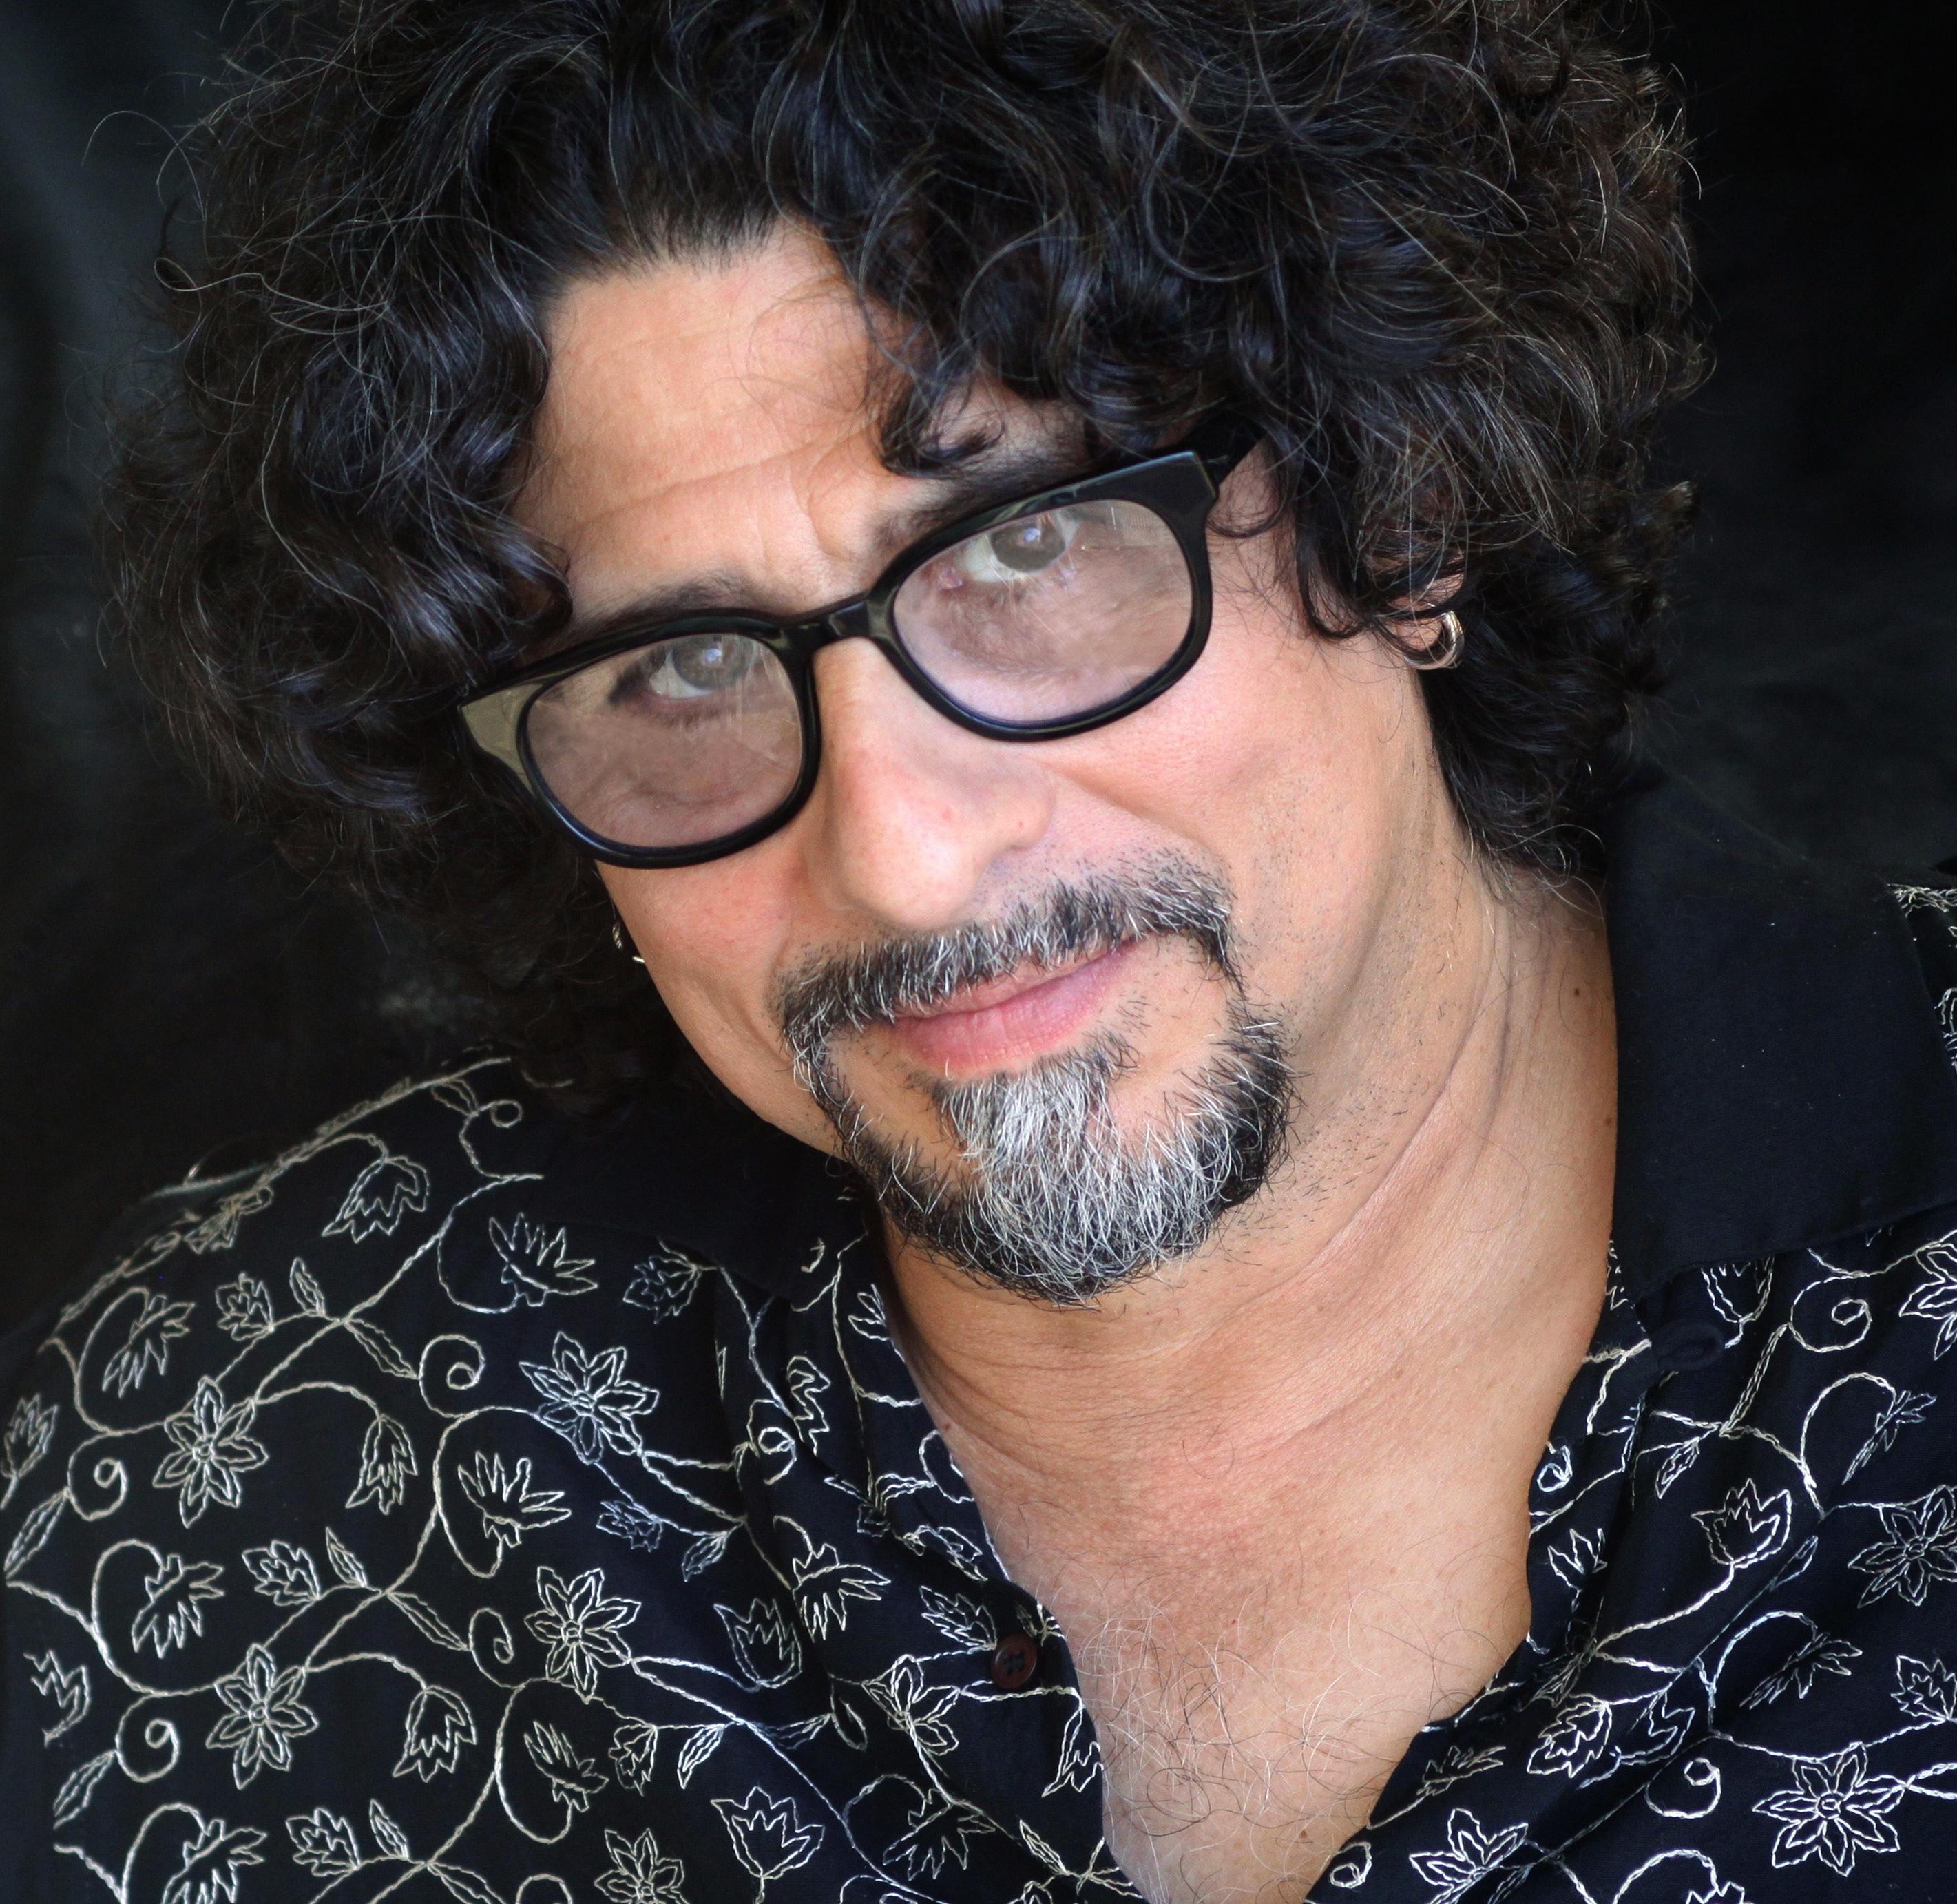 Longtime singer-songwriter Dan Navarro will perform Friday at the Kennett Flash.